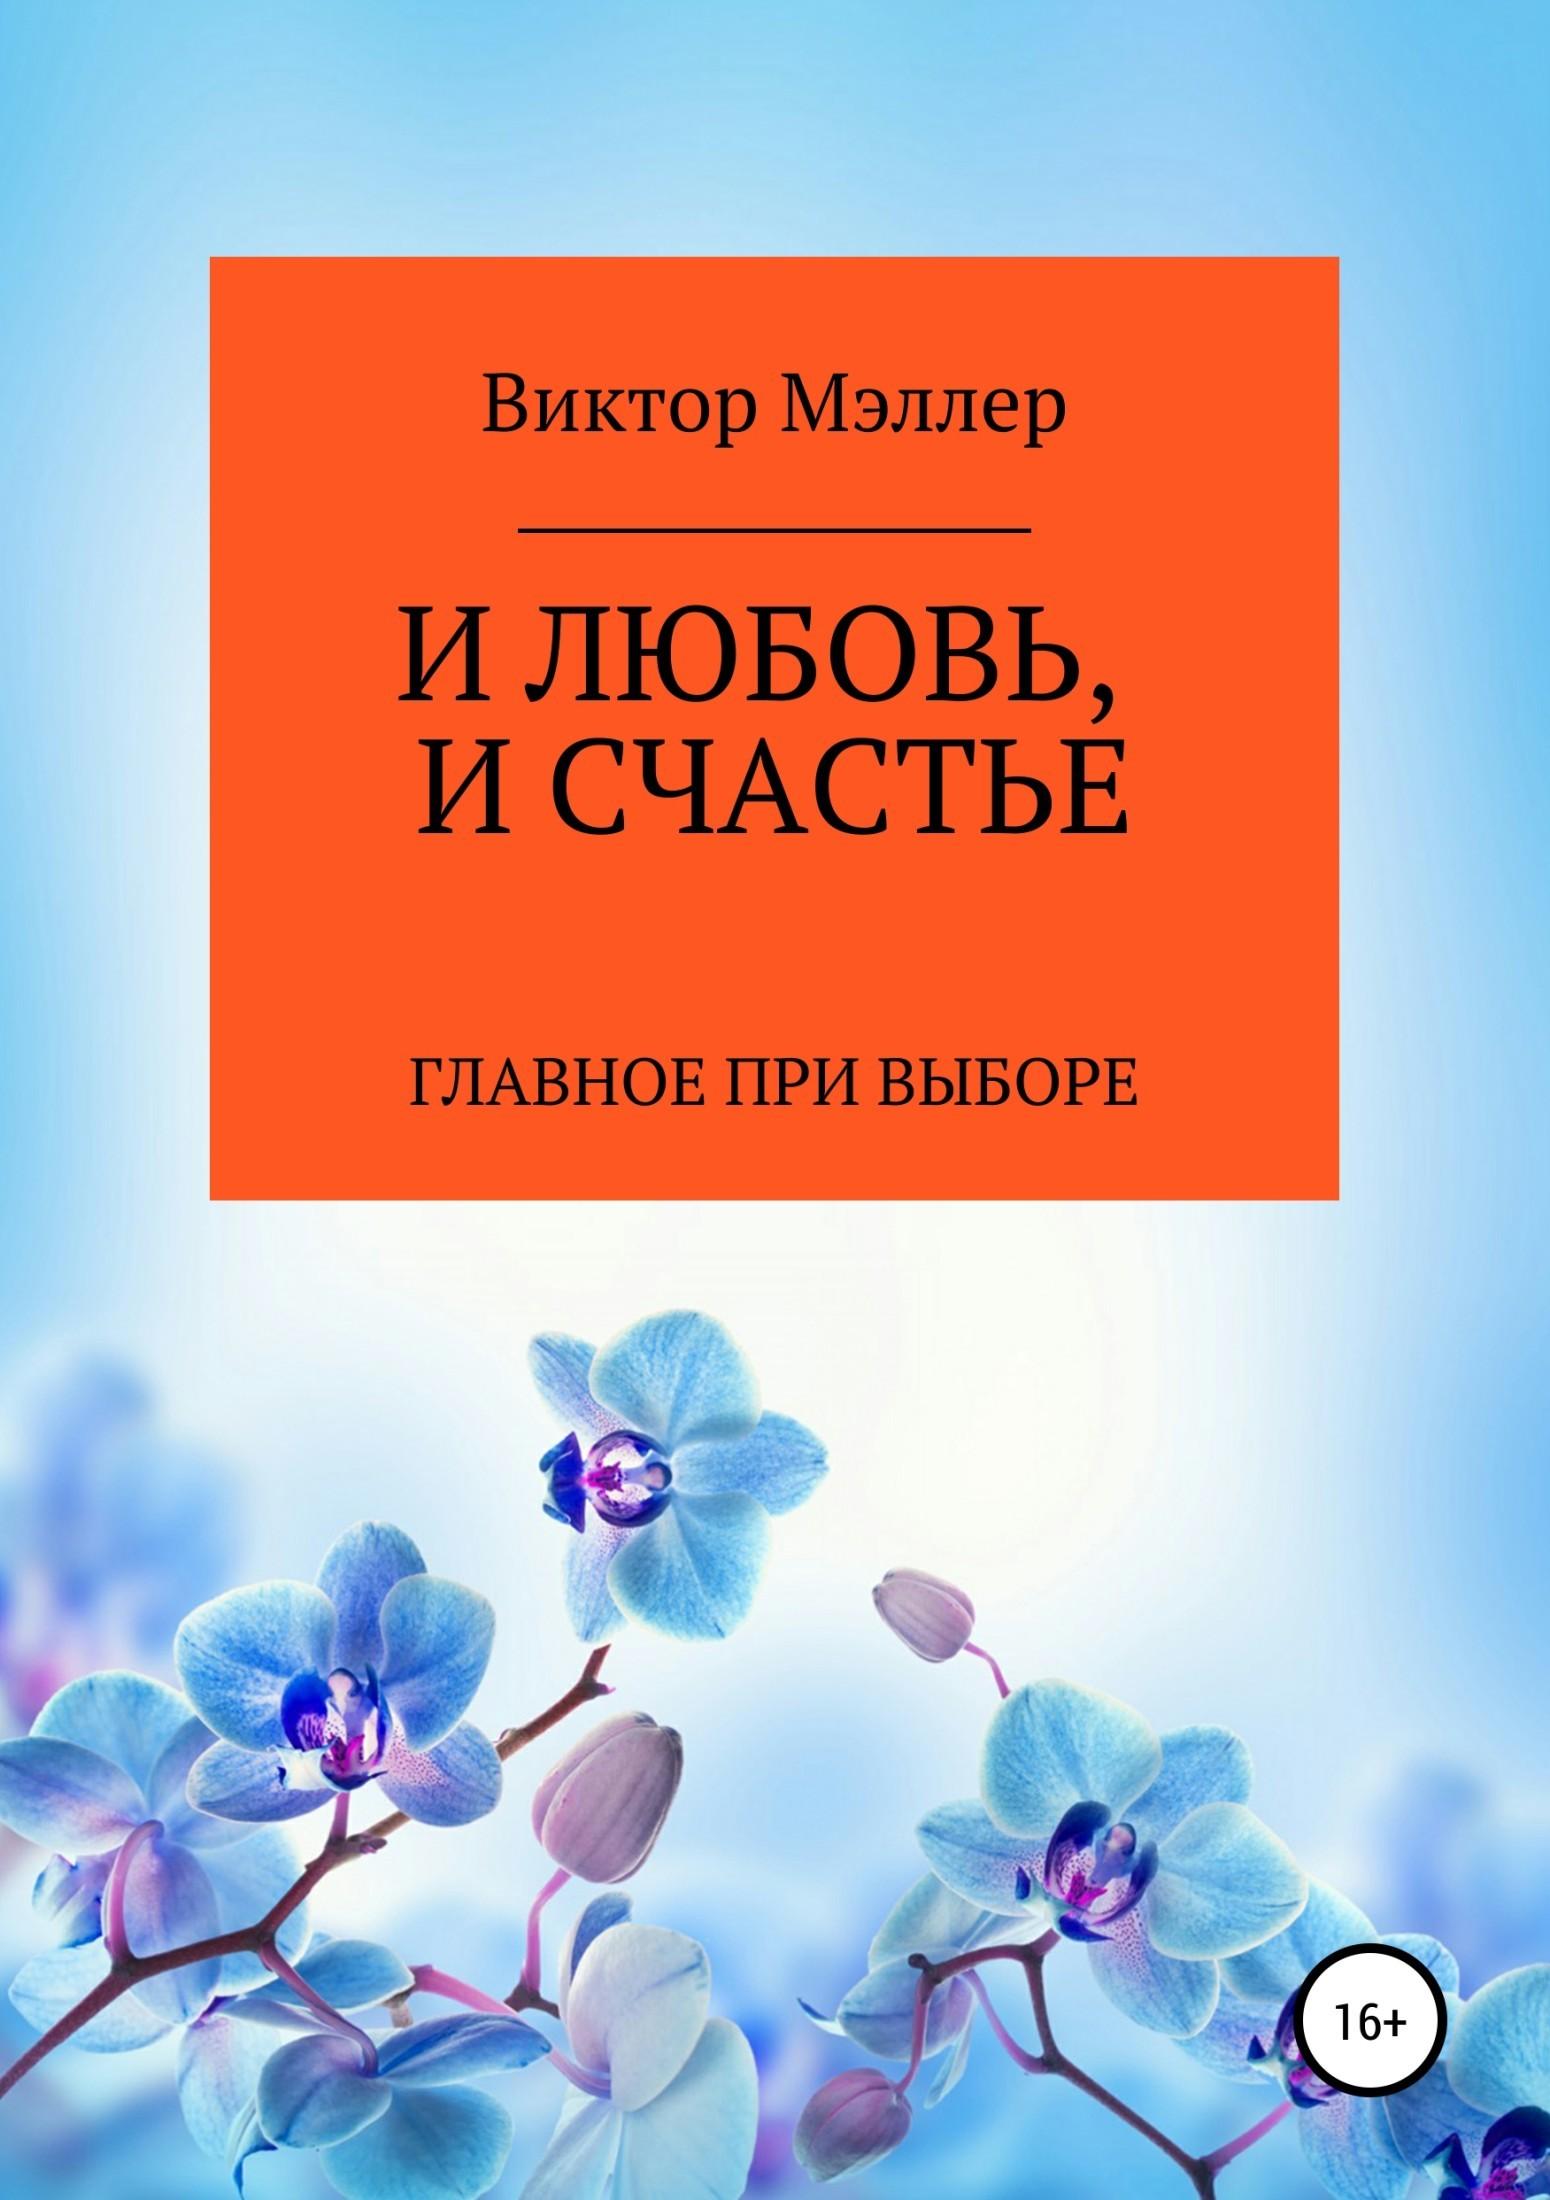 ВИКТОР ГРИГОРЬЕВИЧ МЭЛЛЕР И любовь, и счастье виктор григорьевич мэллер и любовь и счастье